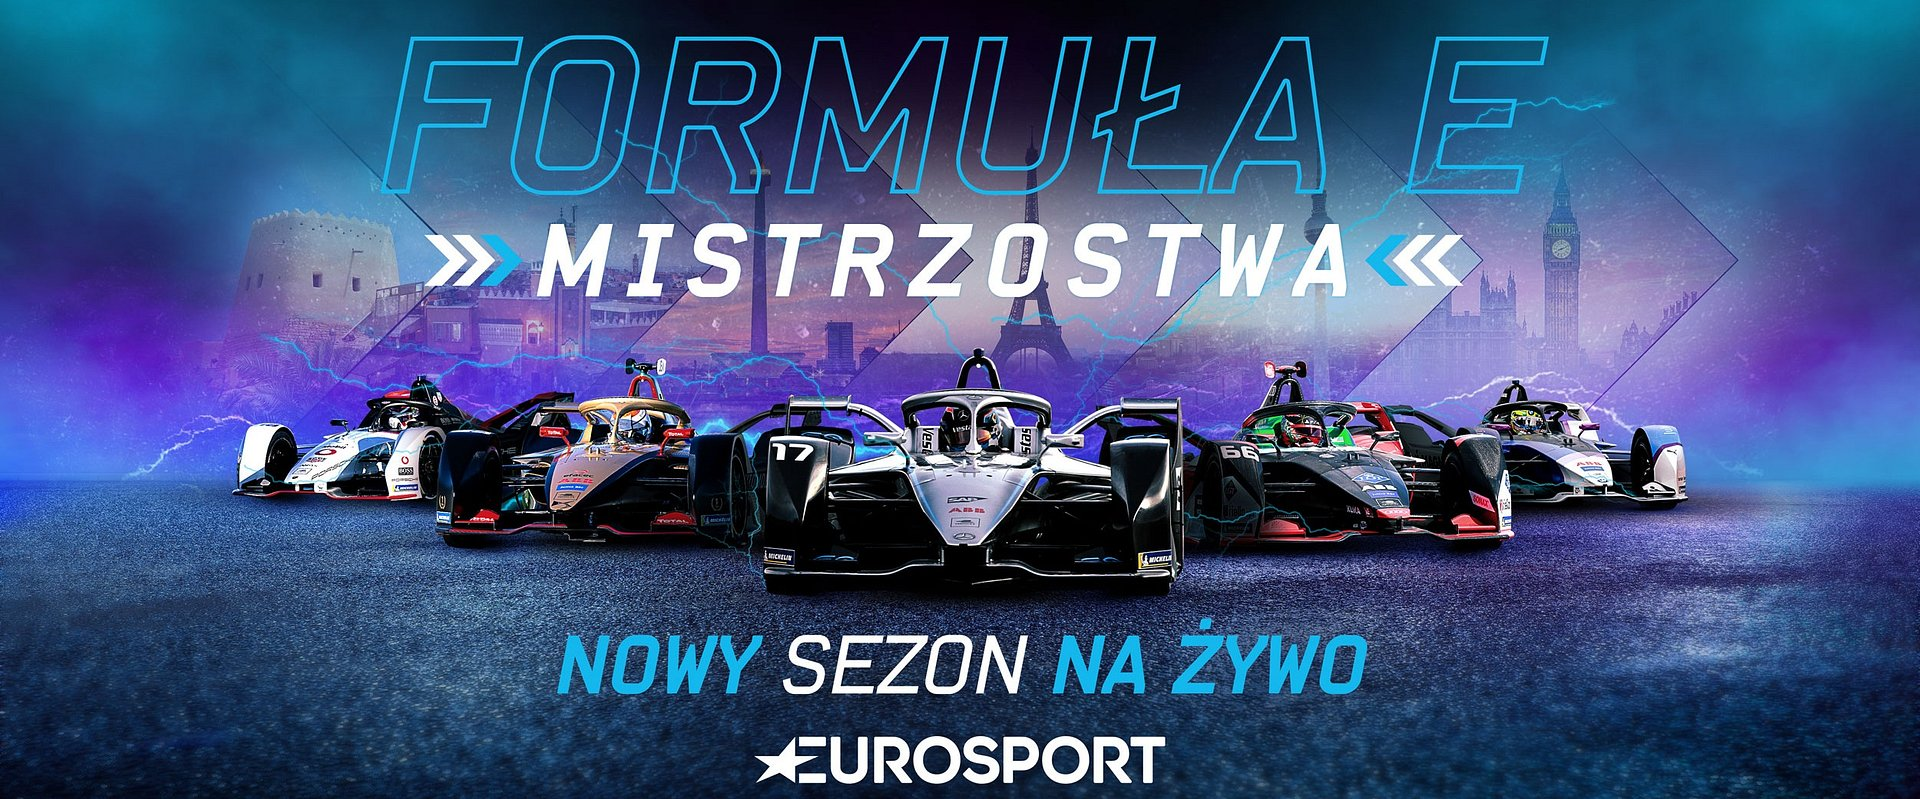 Cały sezon Formuły E od piątku na żywo tylko w Eurosporcie i Eurosport Playerze